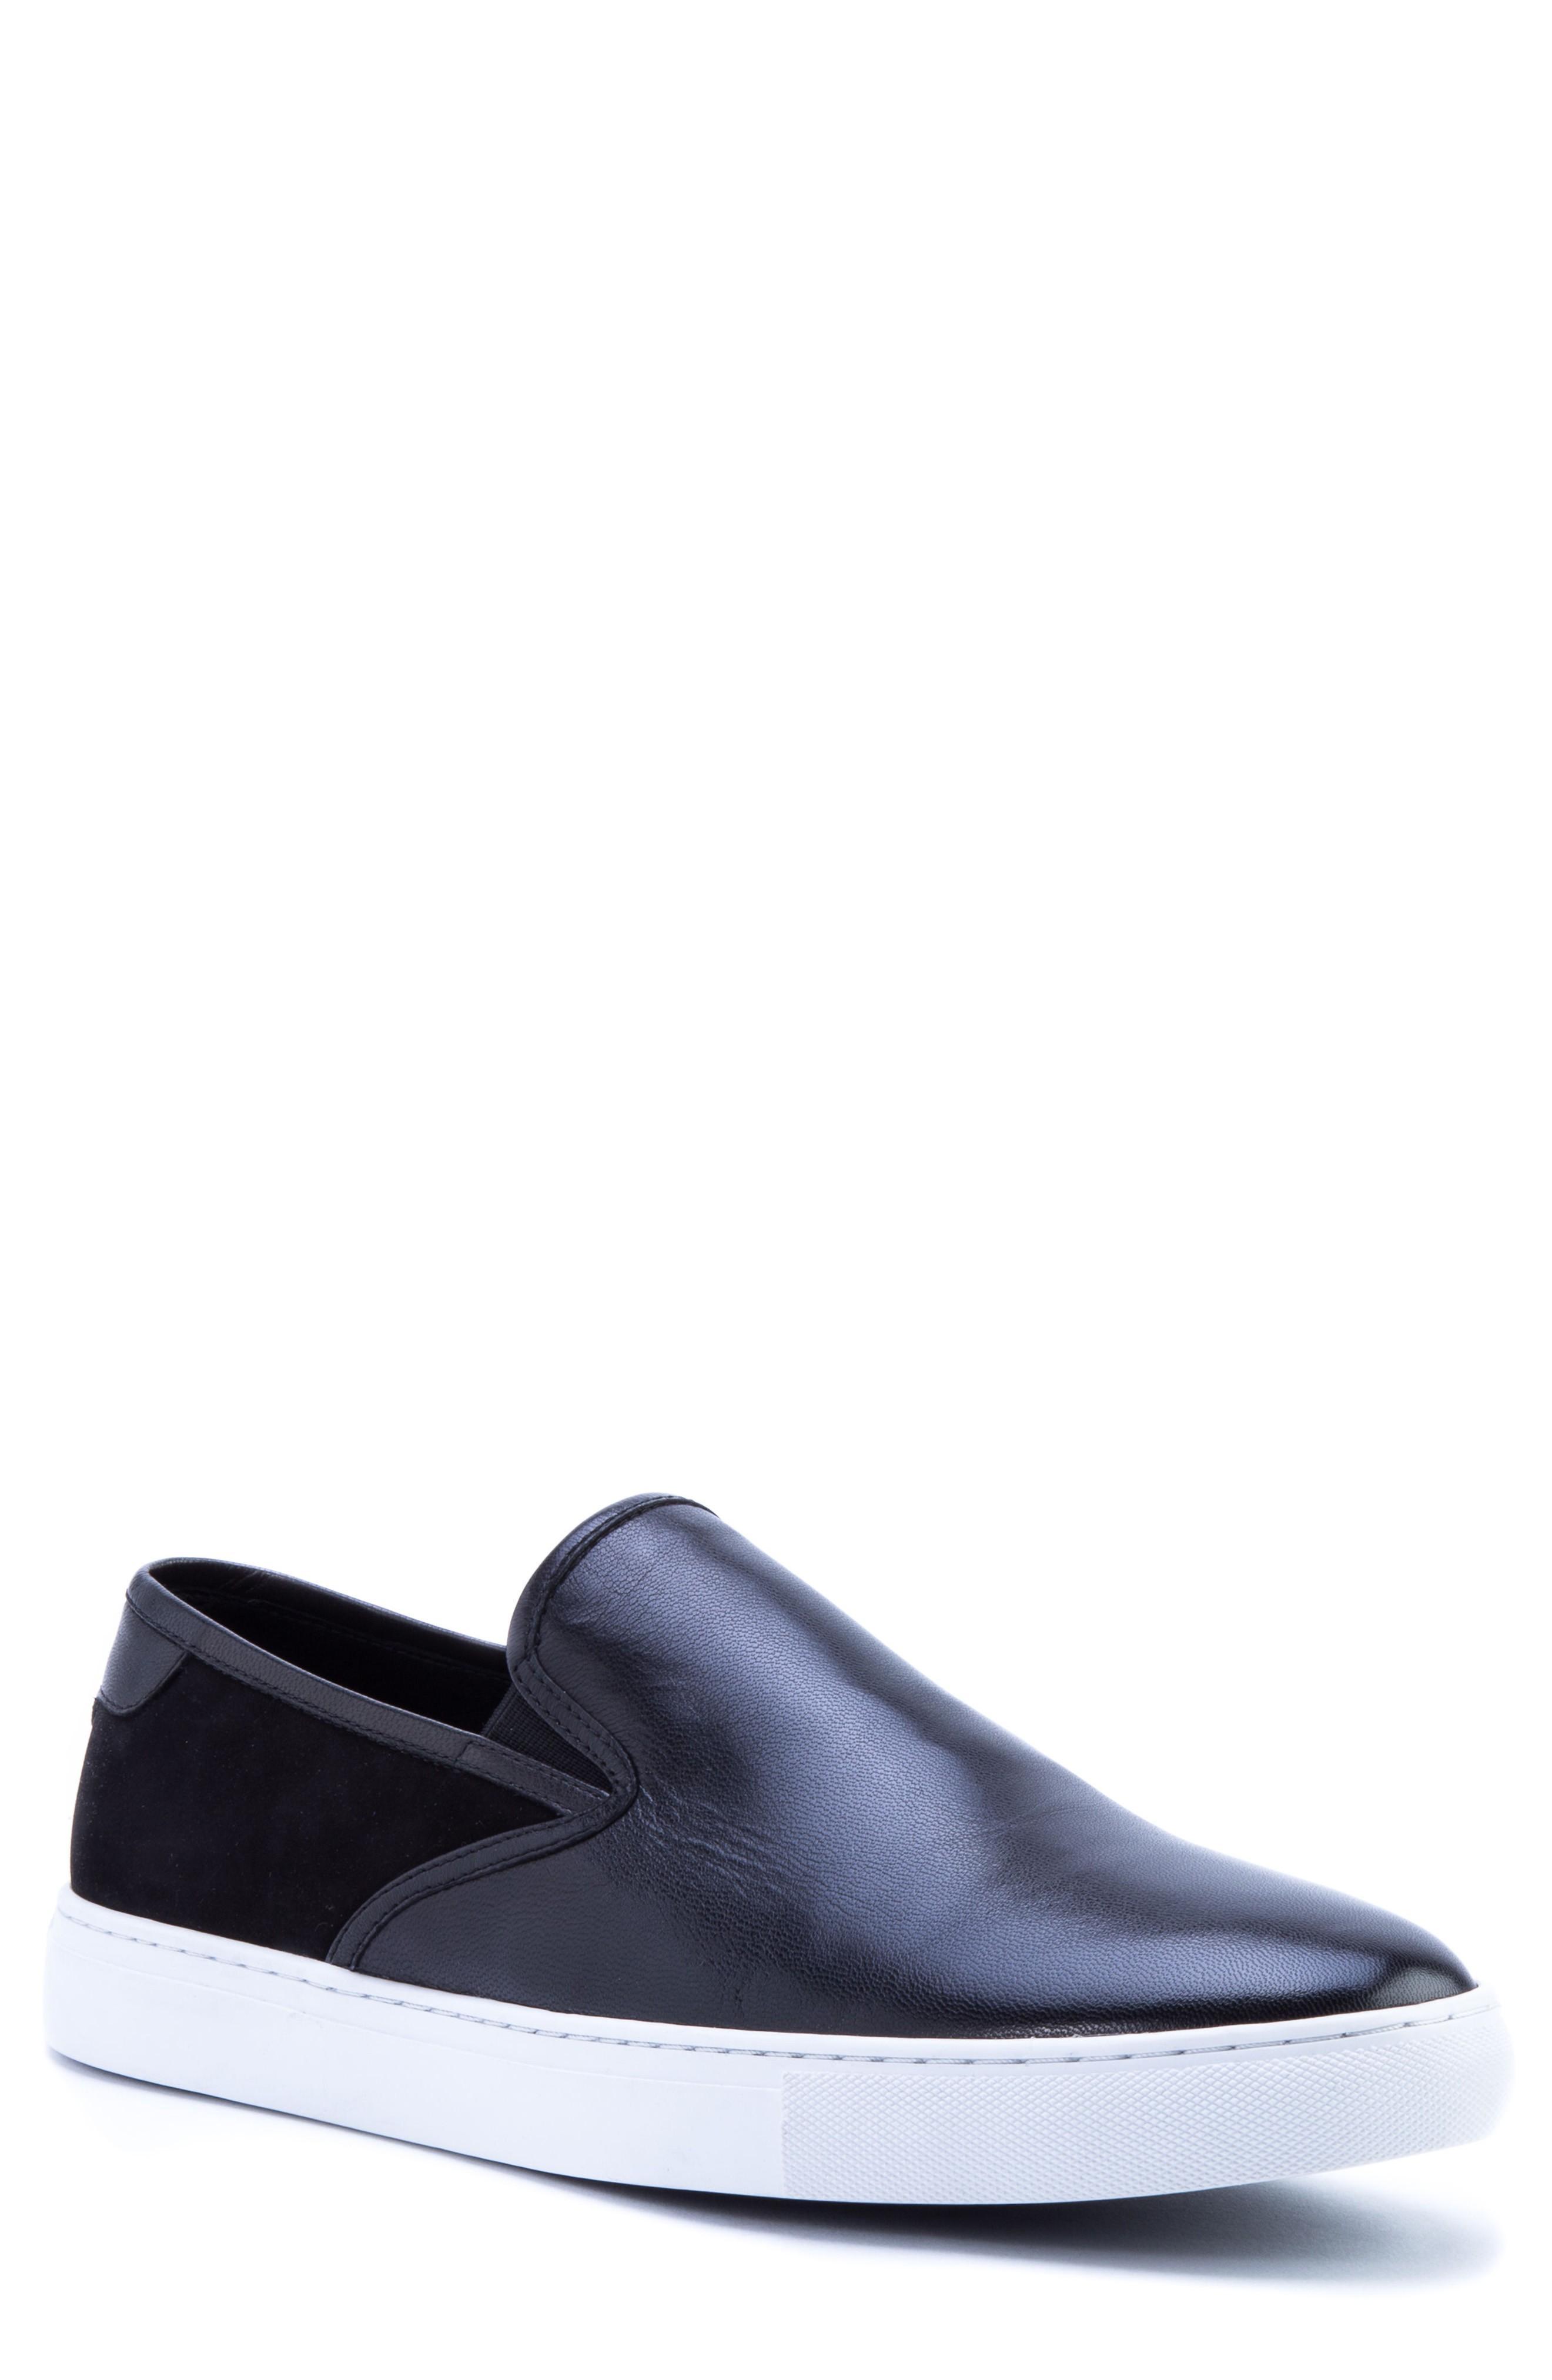 Zanzara Duchamps Slip-on Sneaker In Black Leather/ Suede